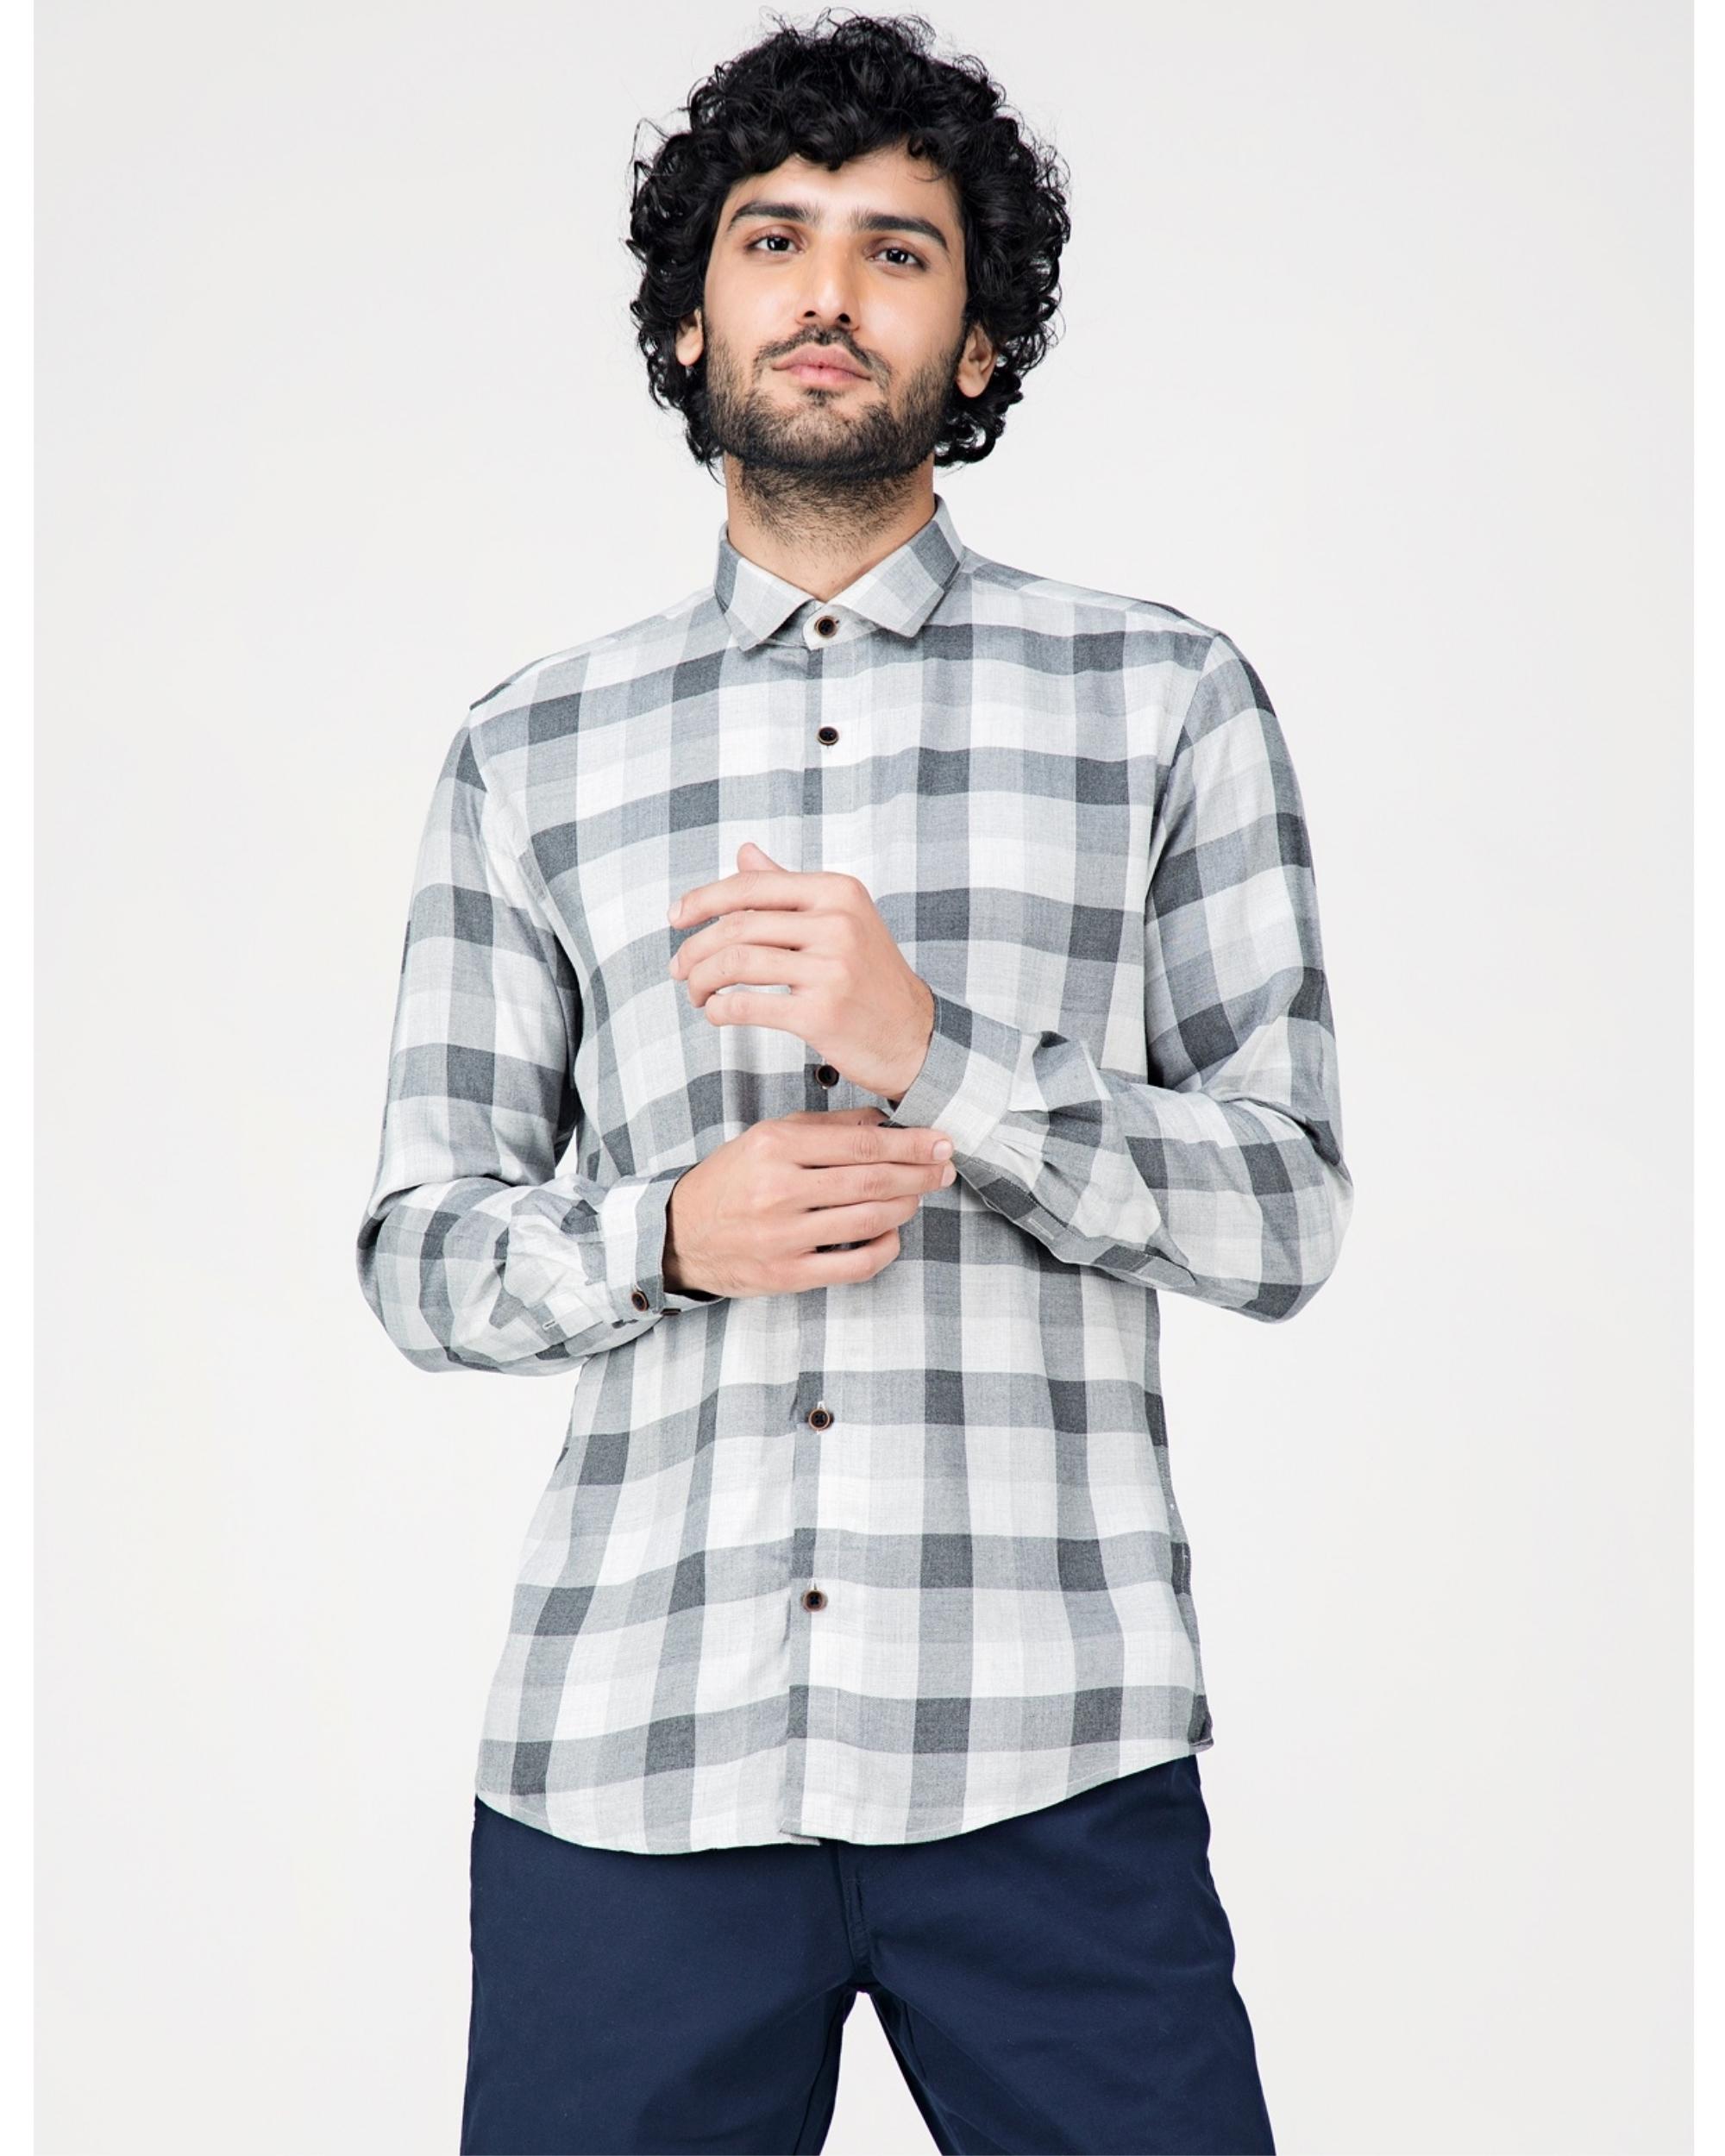 Grey and white gingham checkered shirt